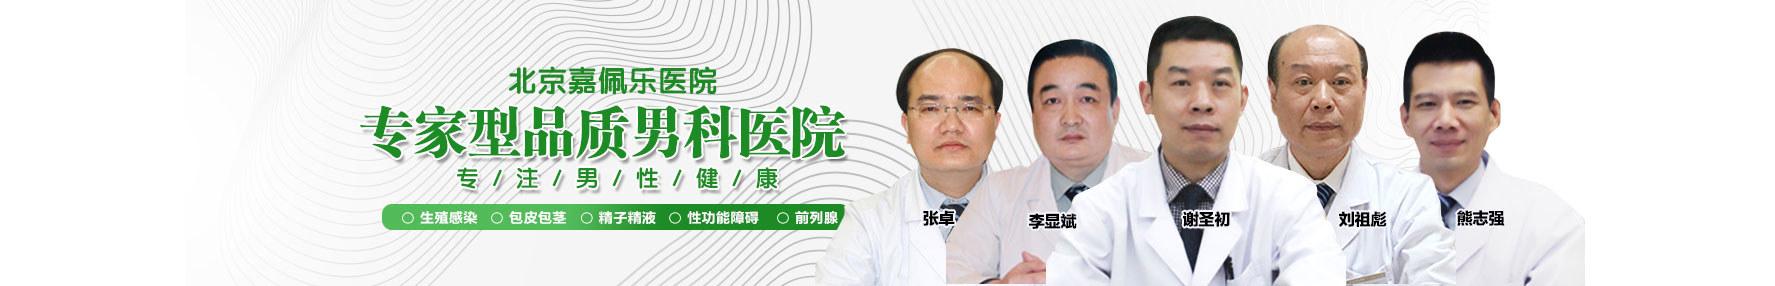 北京男科医院